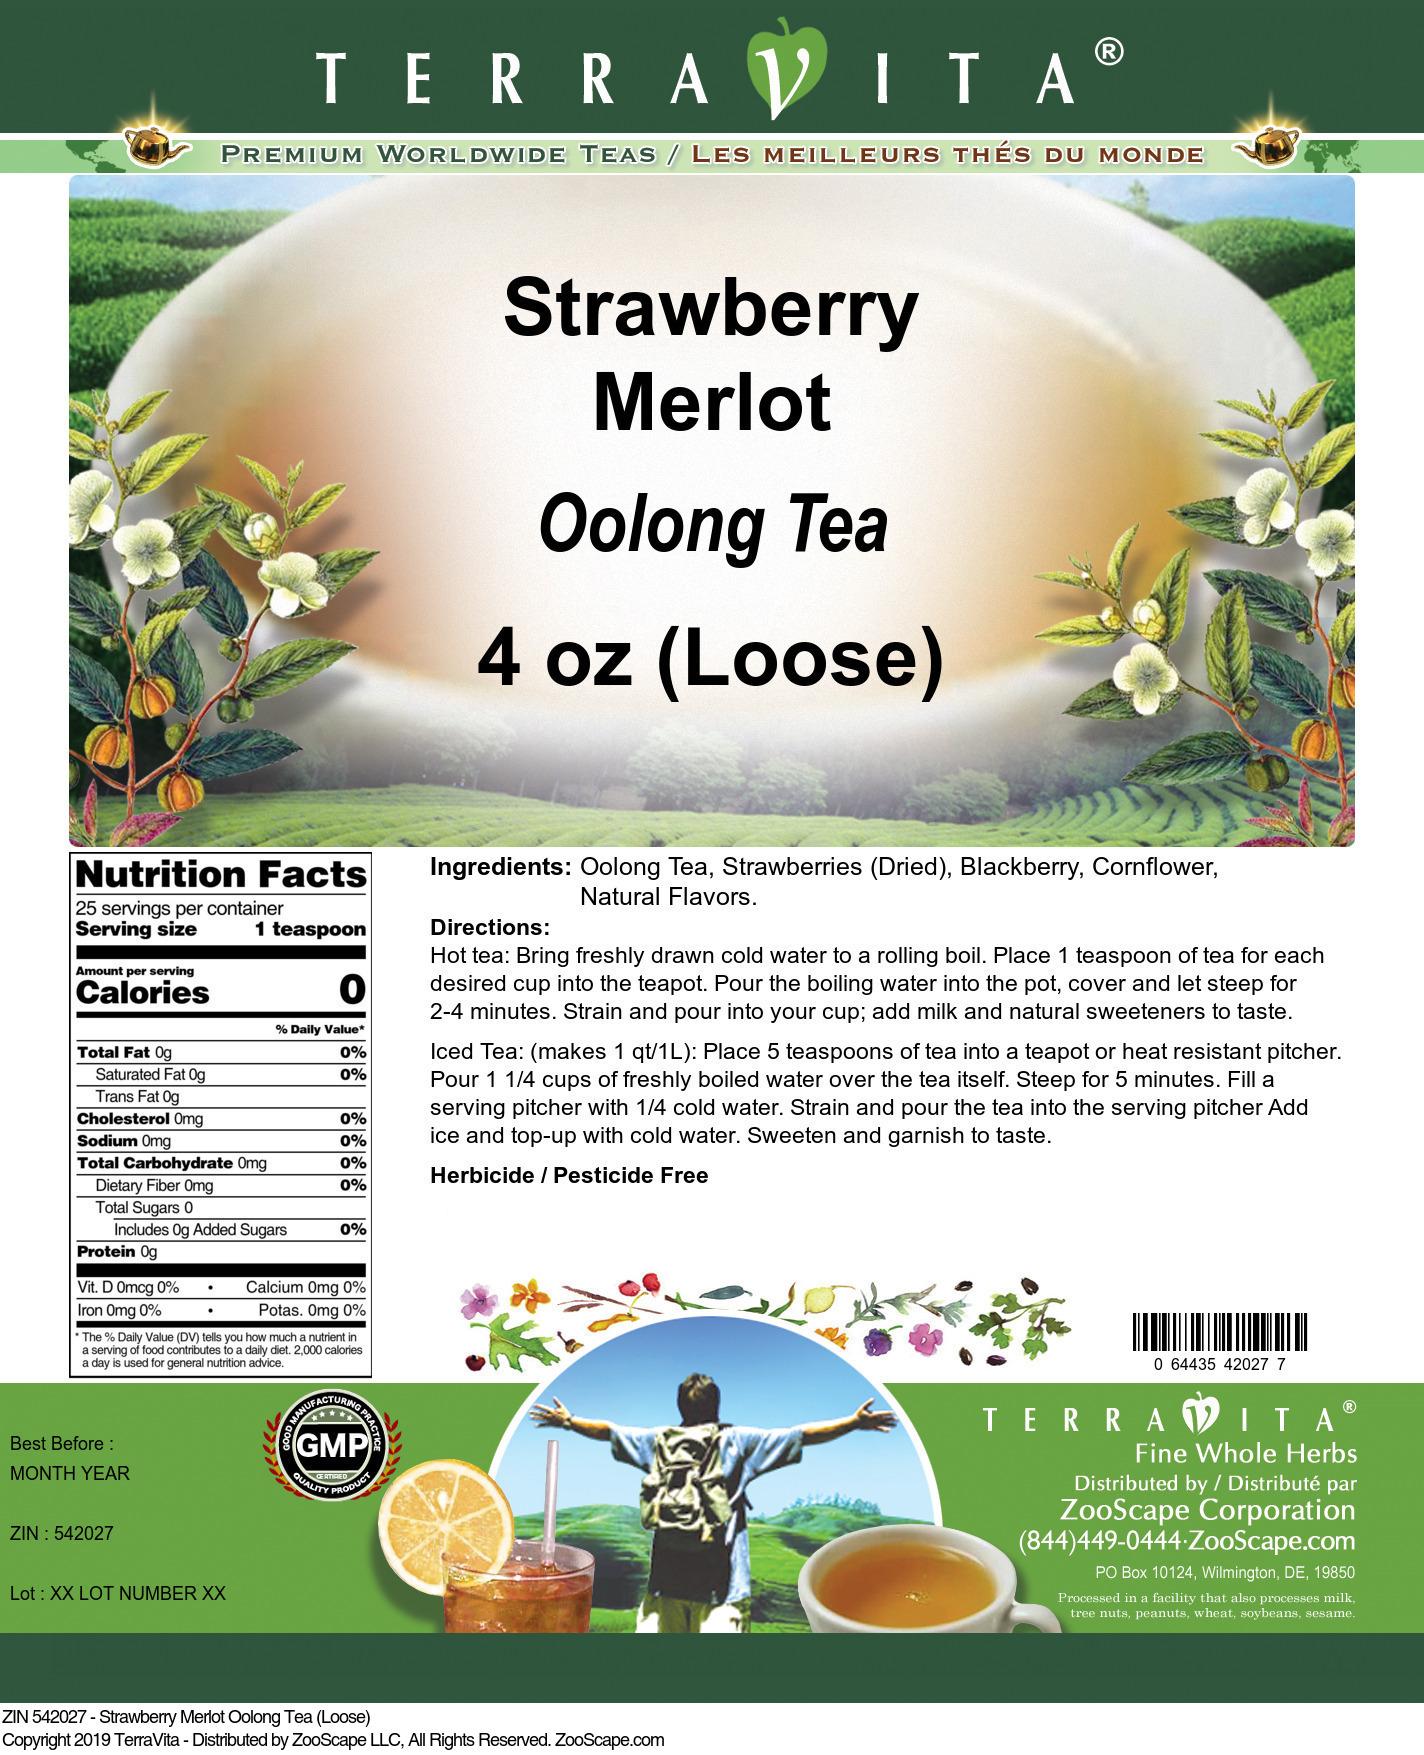 Strawberry Merlot Oolong Tea (Loose)